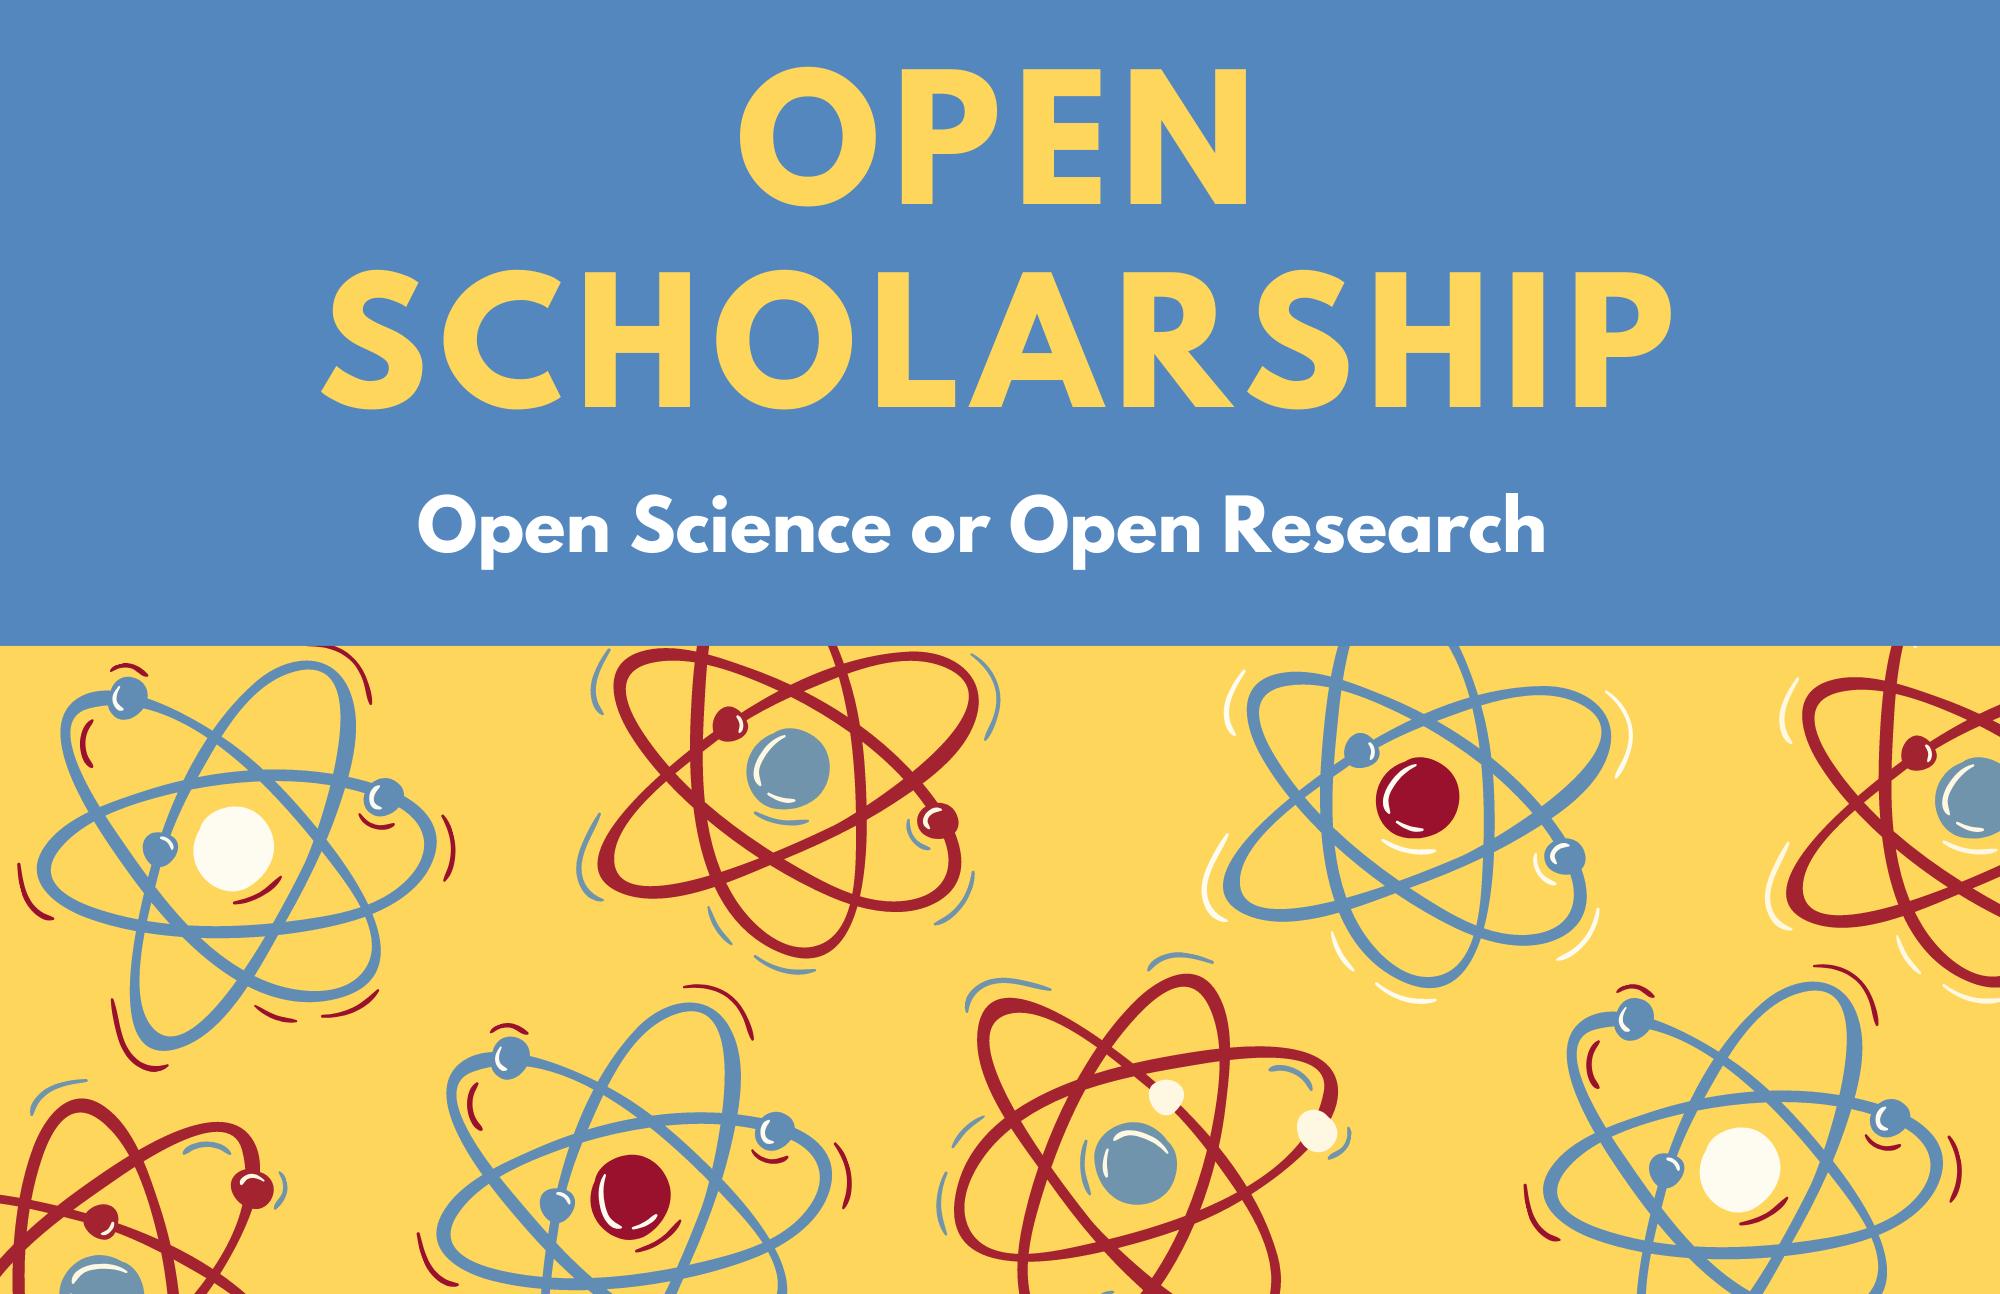 Open Scholarship